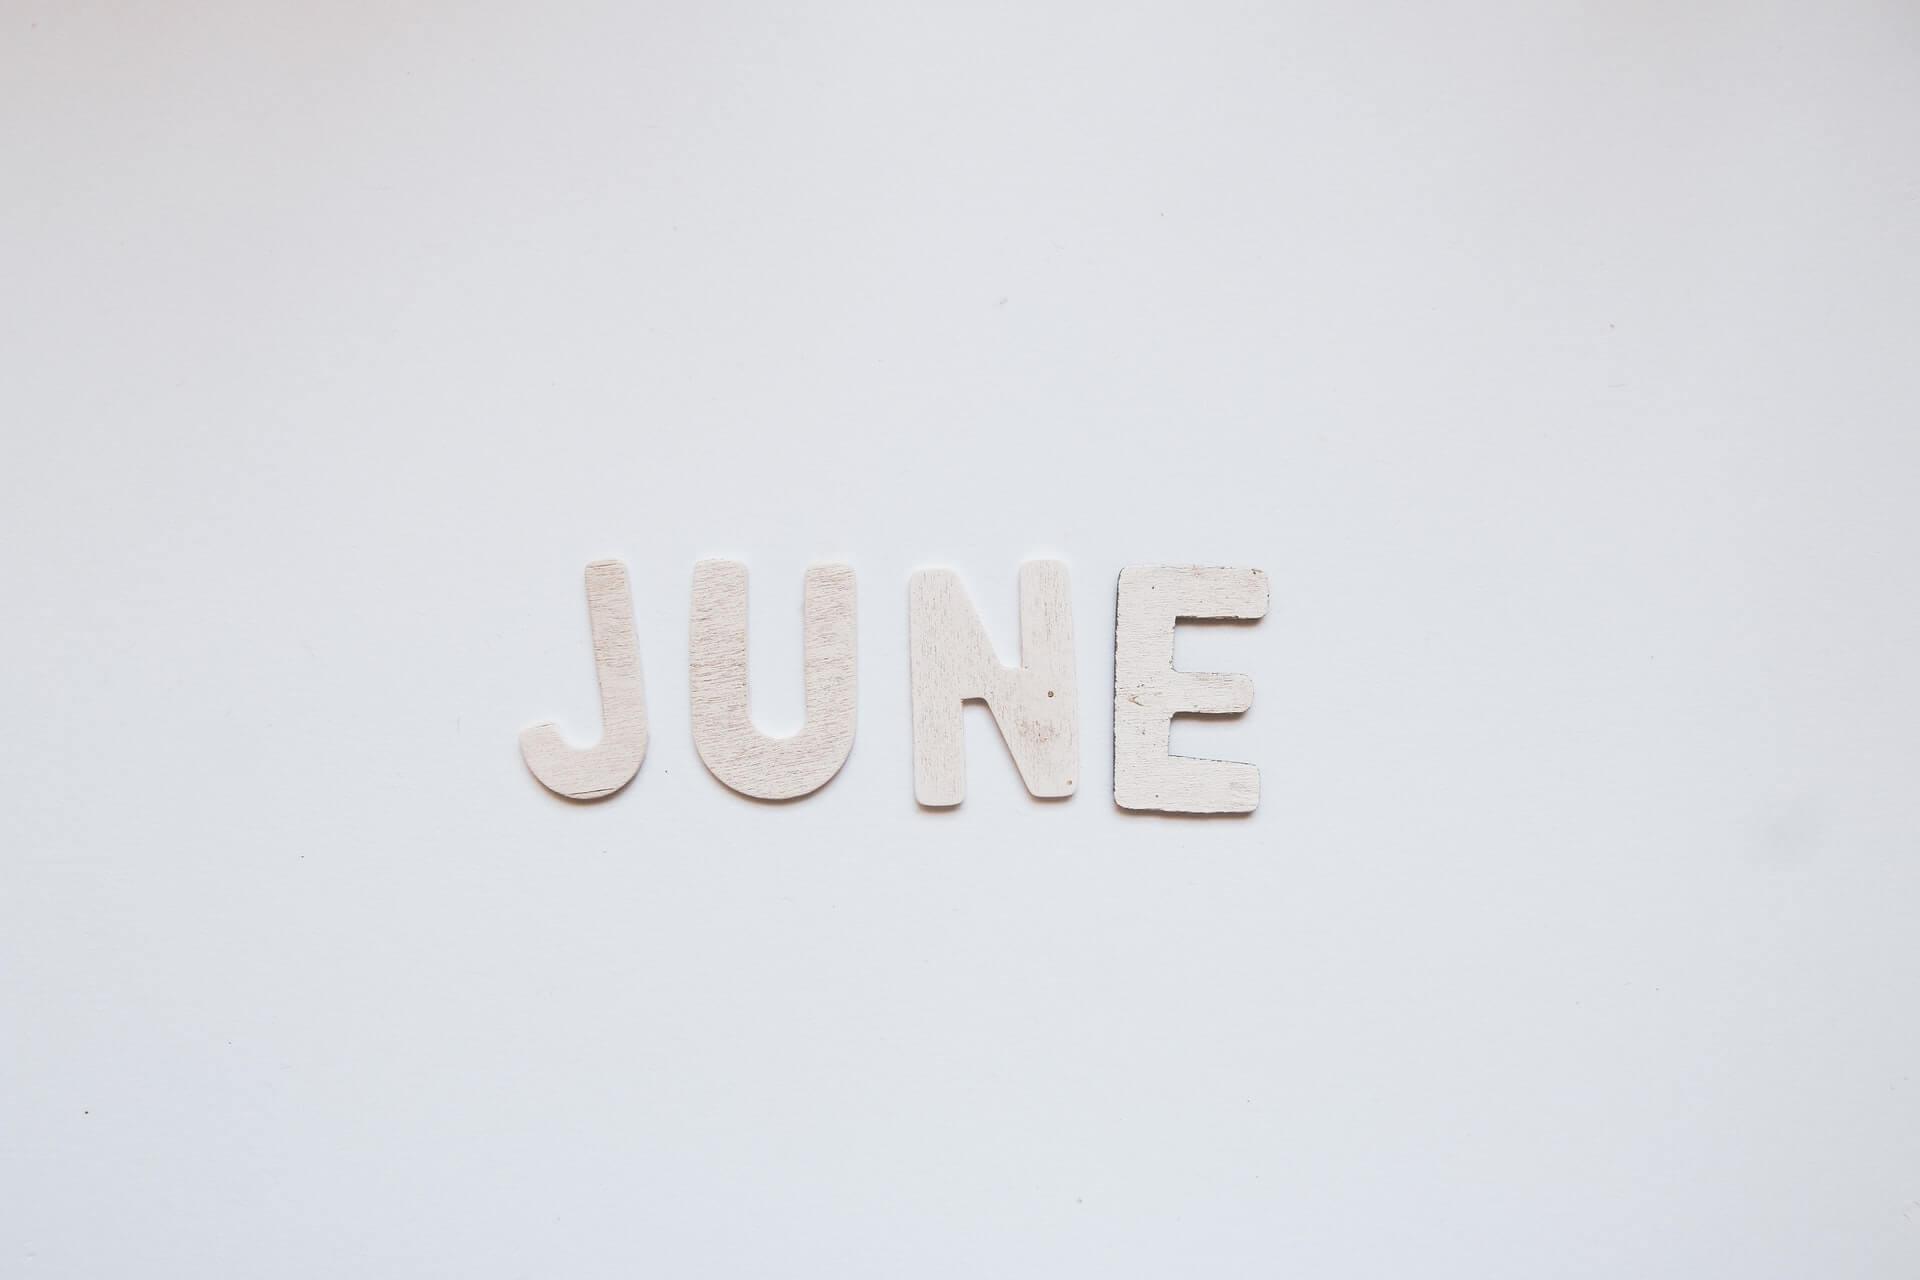 心情写照 6月篇